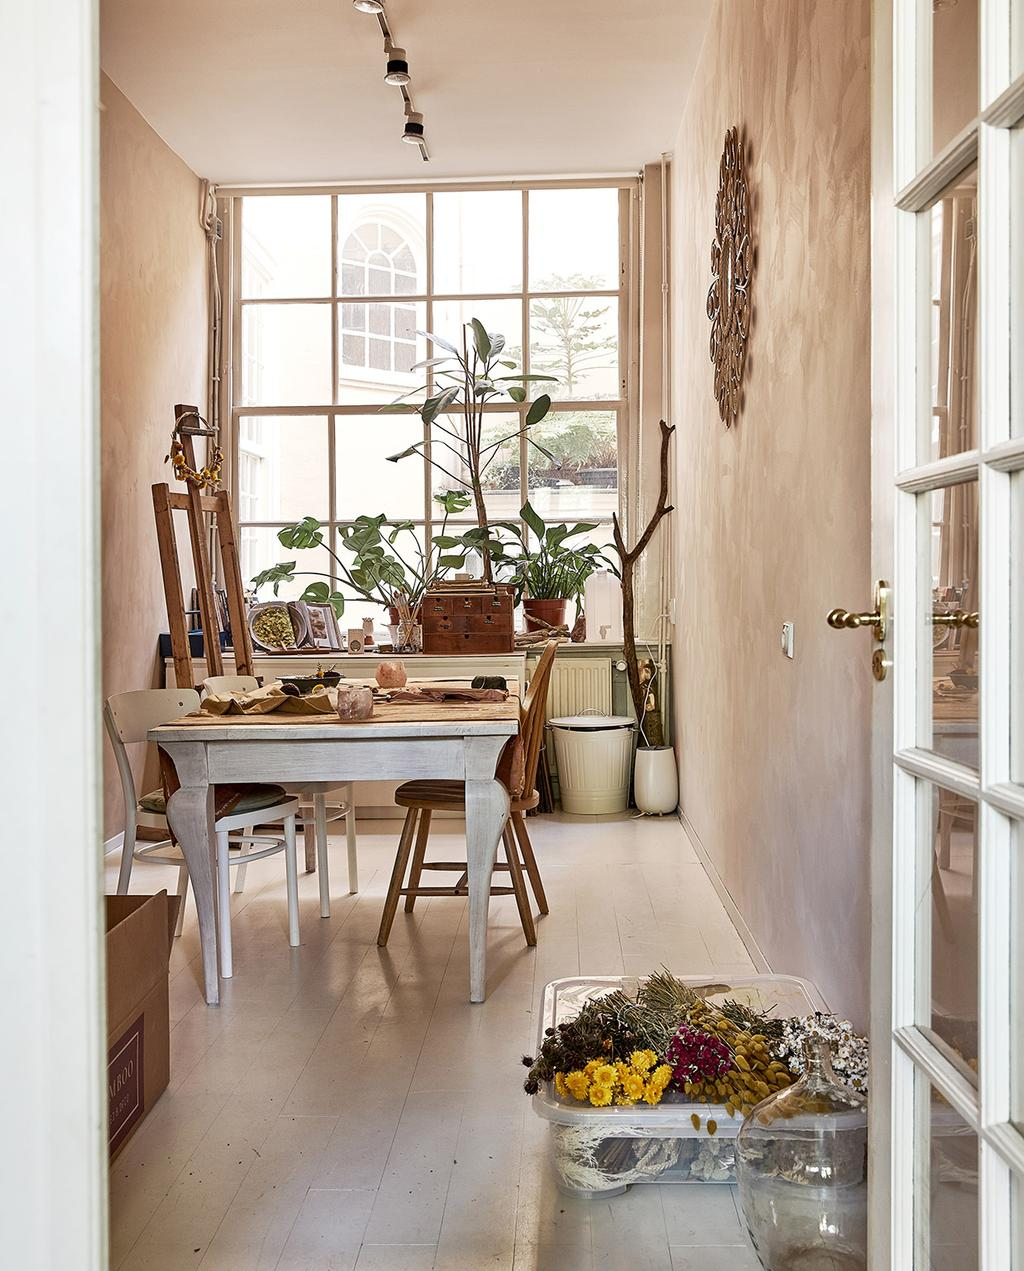 vtwonen 06-2021 | houten tafel in een soort werkkamer met een schildersezel